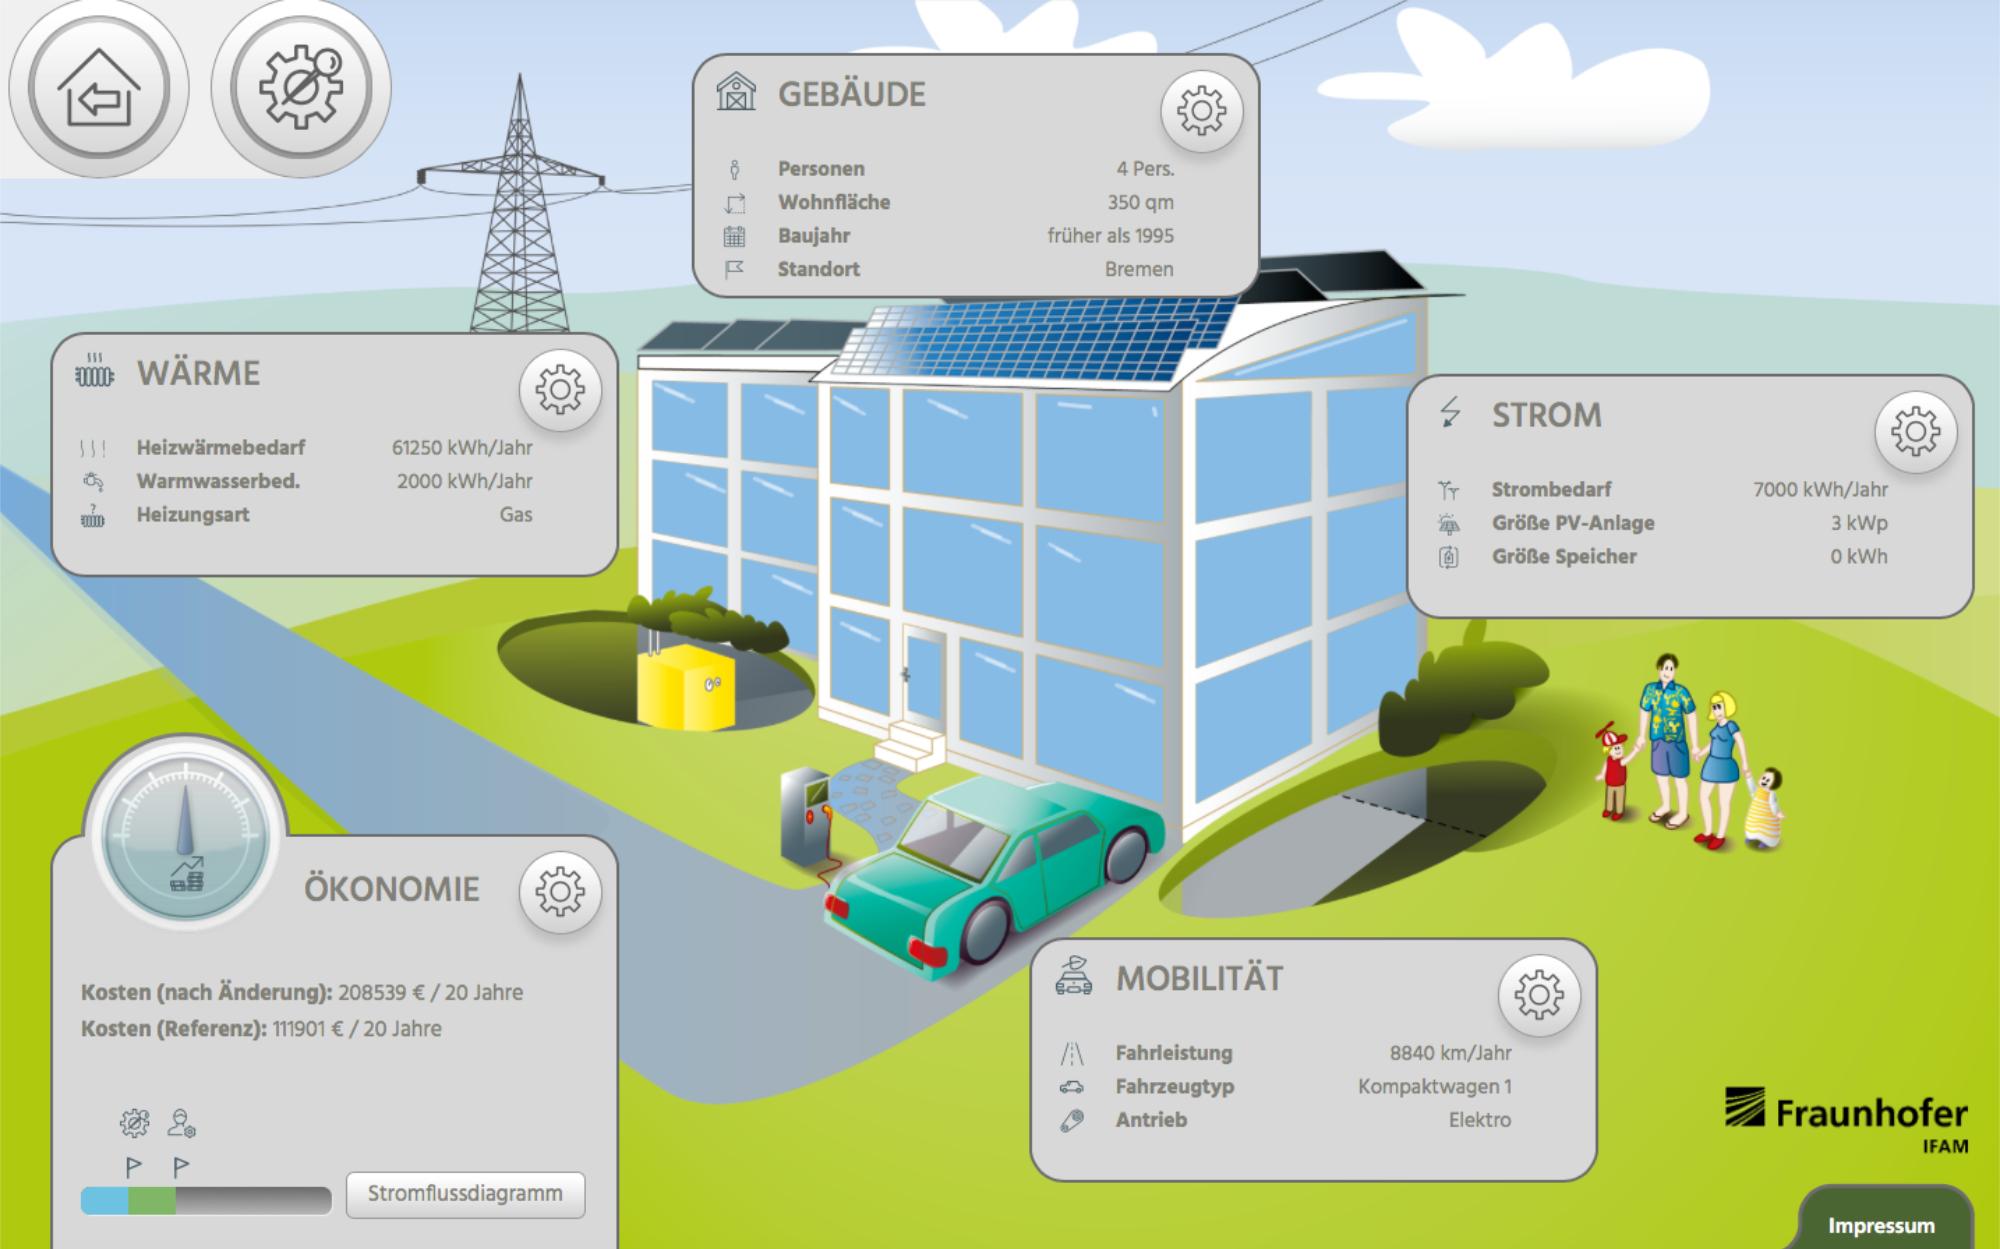 BEITRAGSBILD Virtual Smart Home E-Mobilität Wohnen